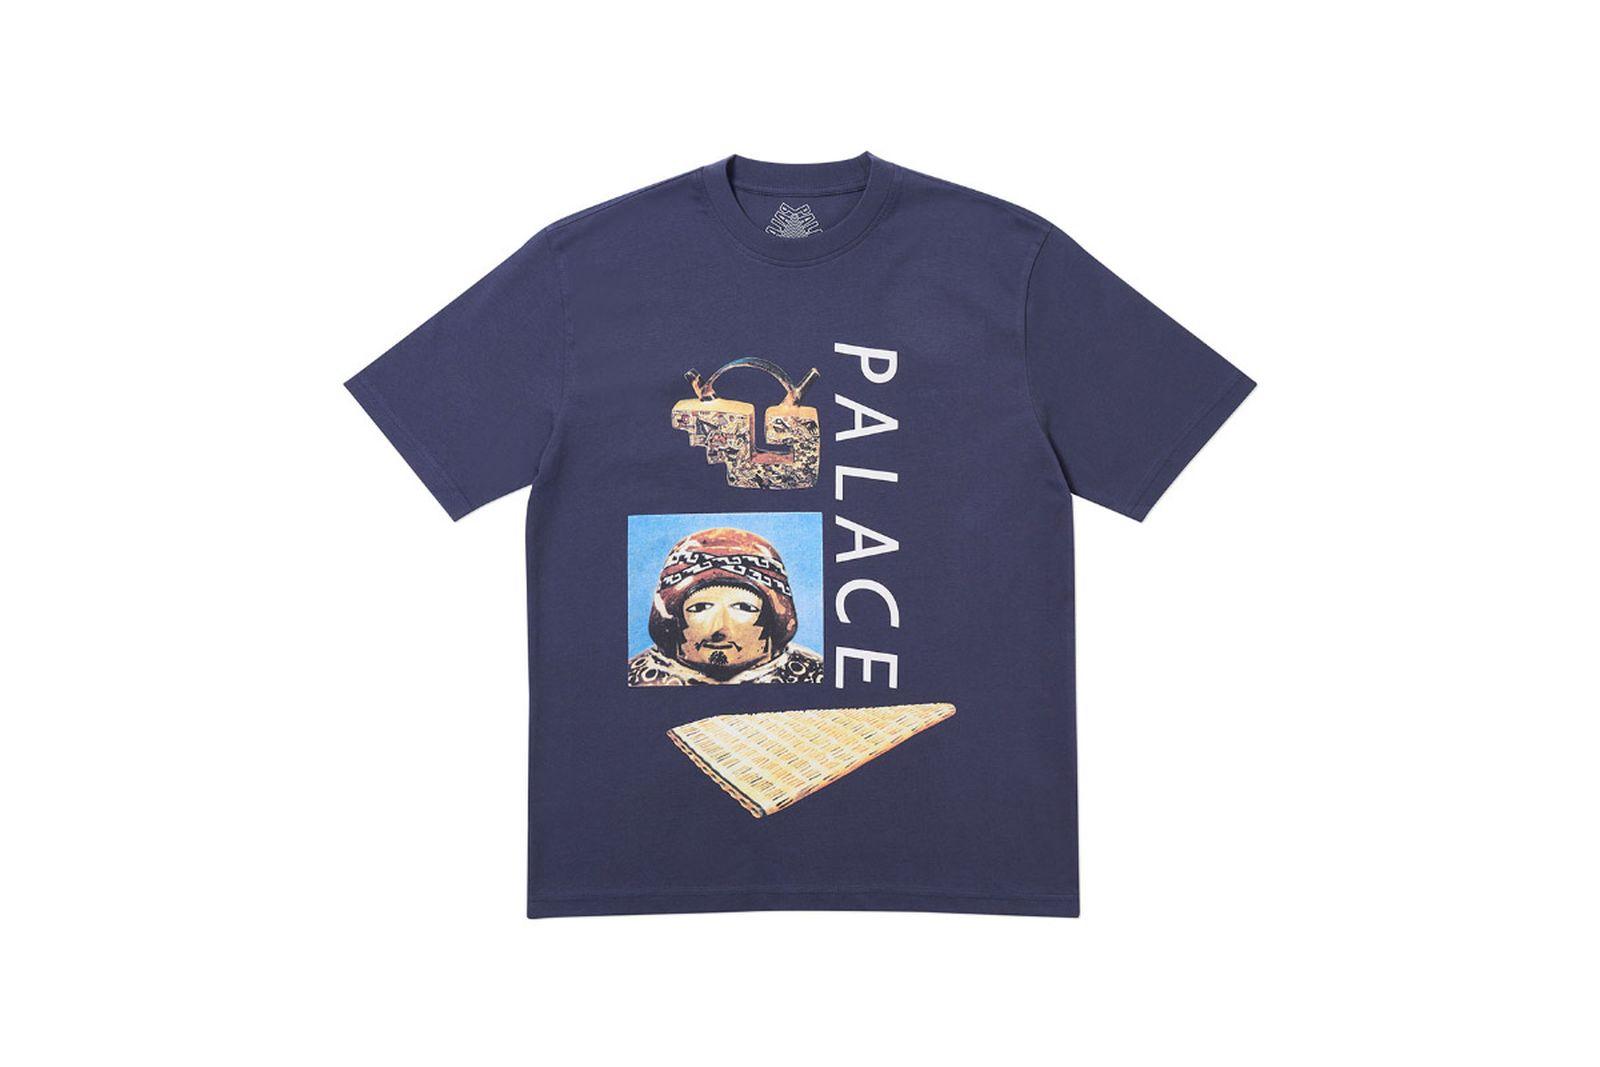 Palace 2019 Autumn T Shirt Tactic navy